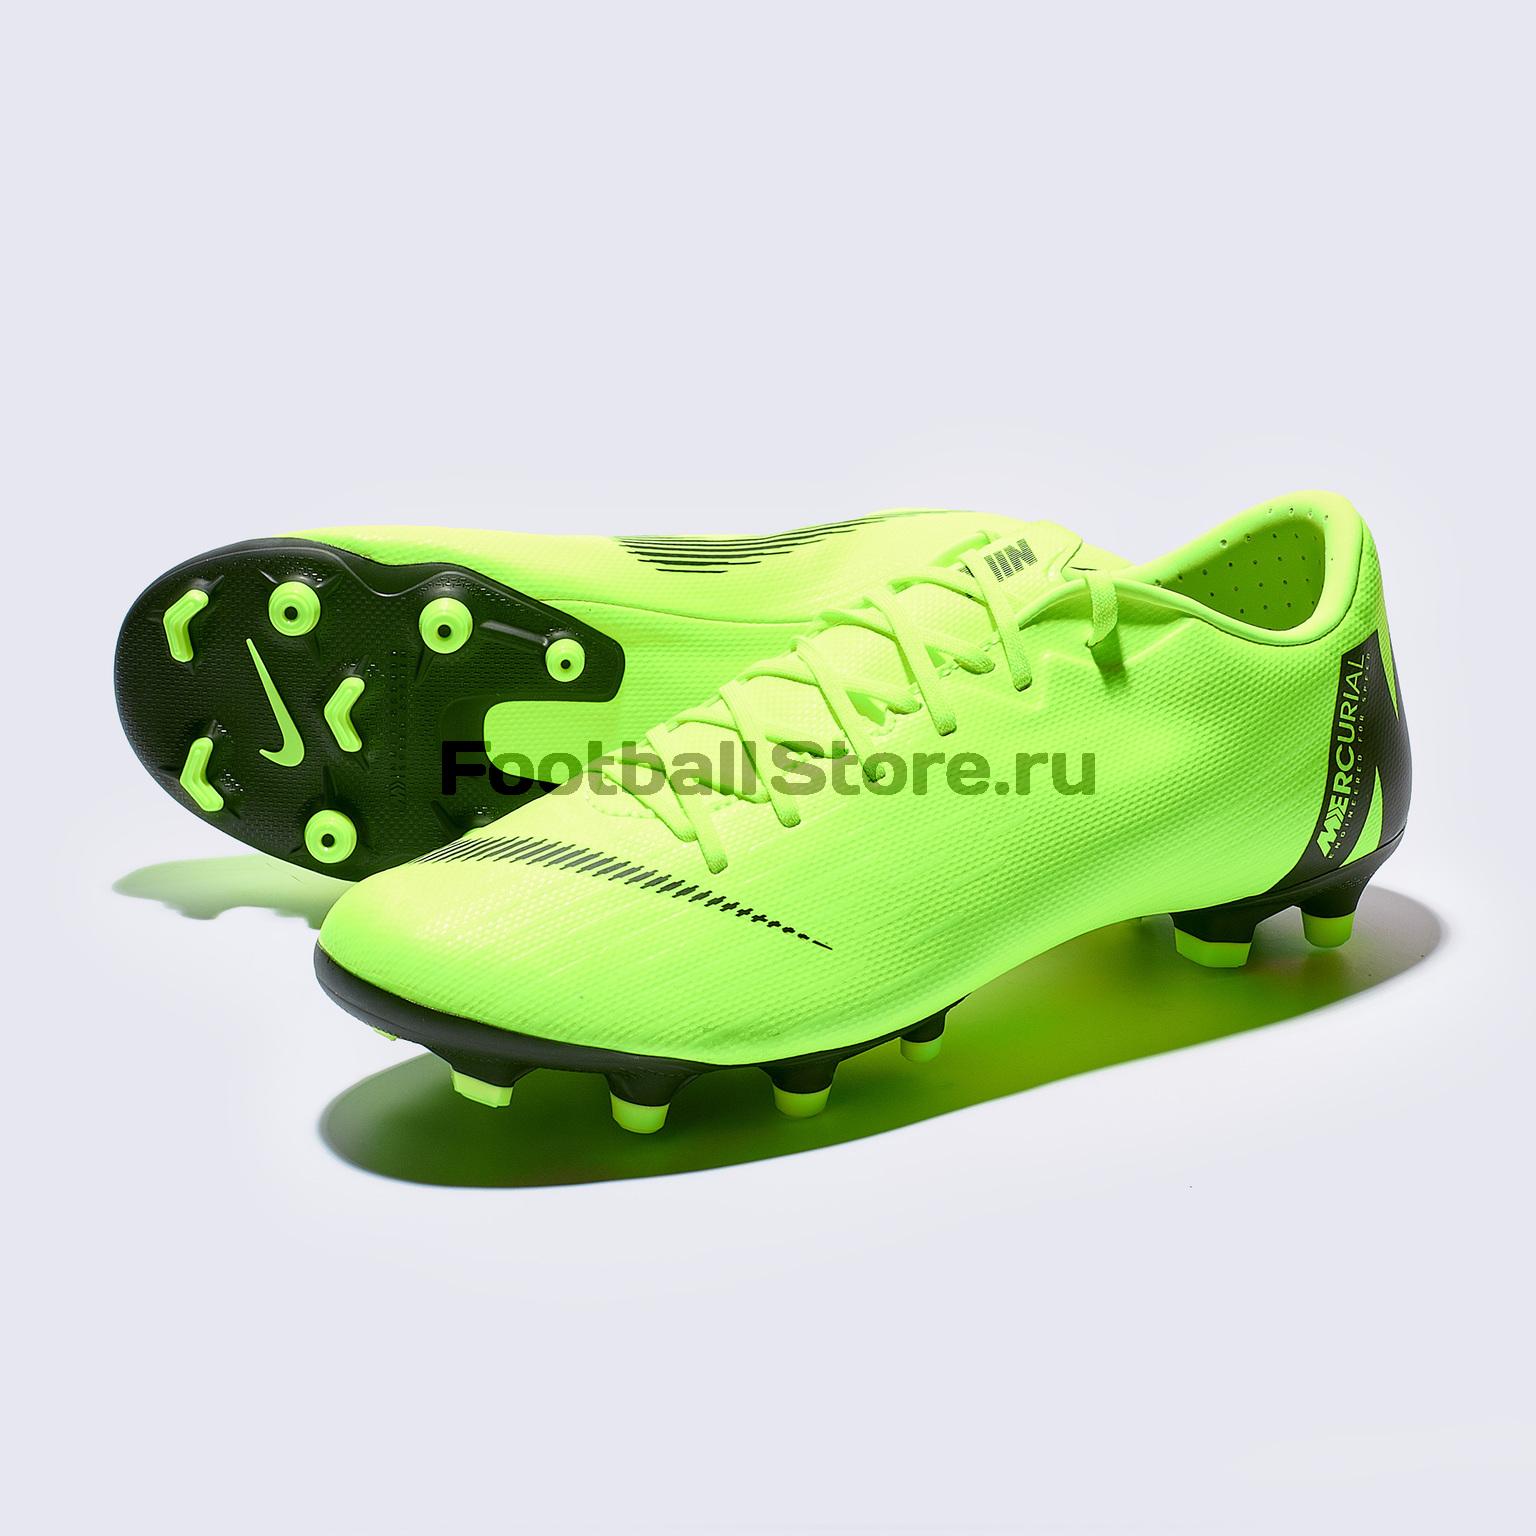 Бутсы Nike Vapor 12 Academy FG/MG AH7375-701 бутсы детские nike vapor 12 academy gs fg mg ah7347 060